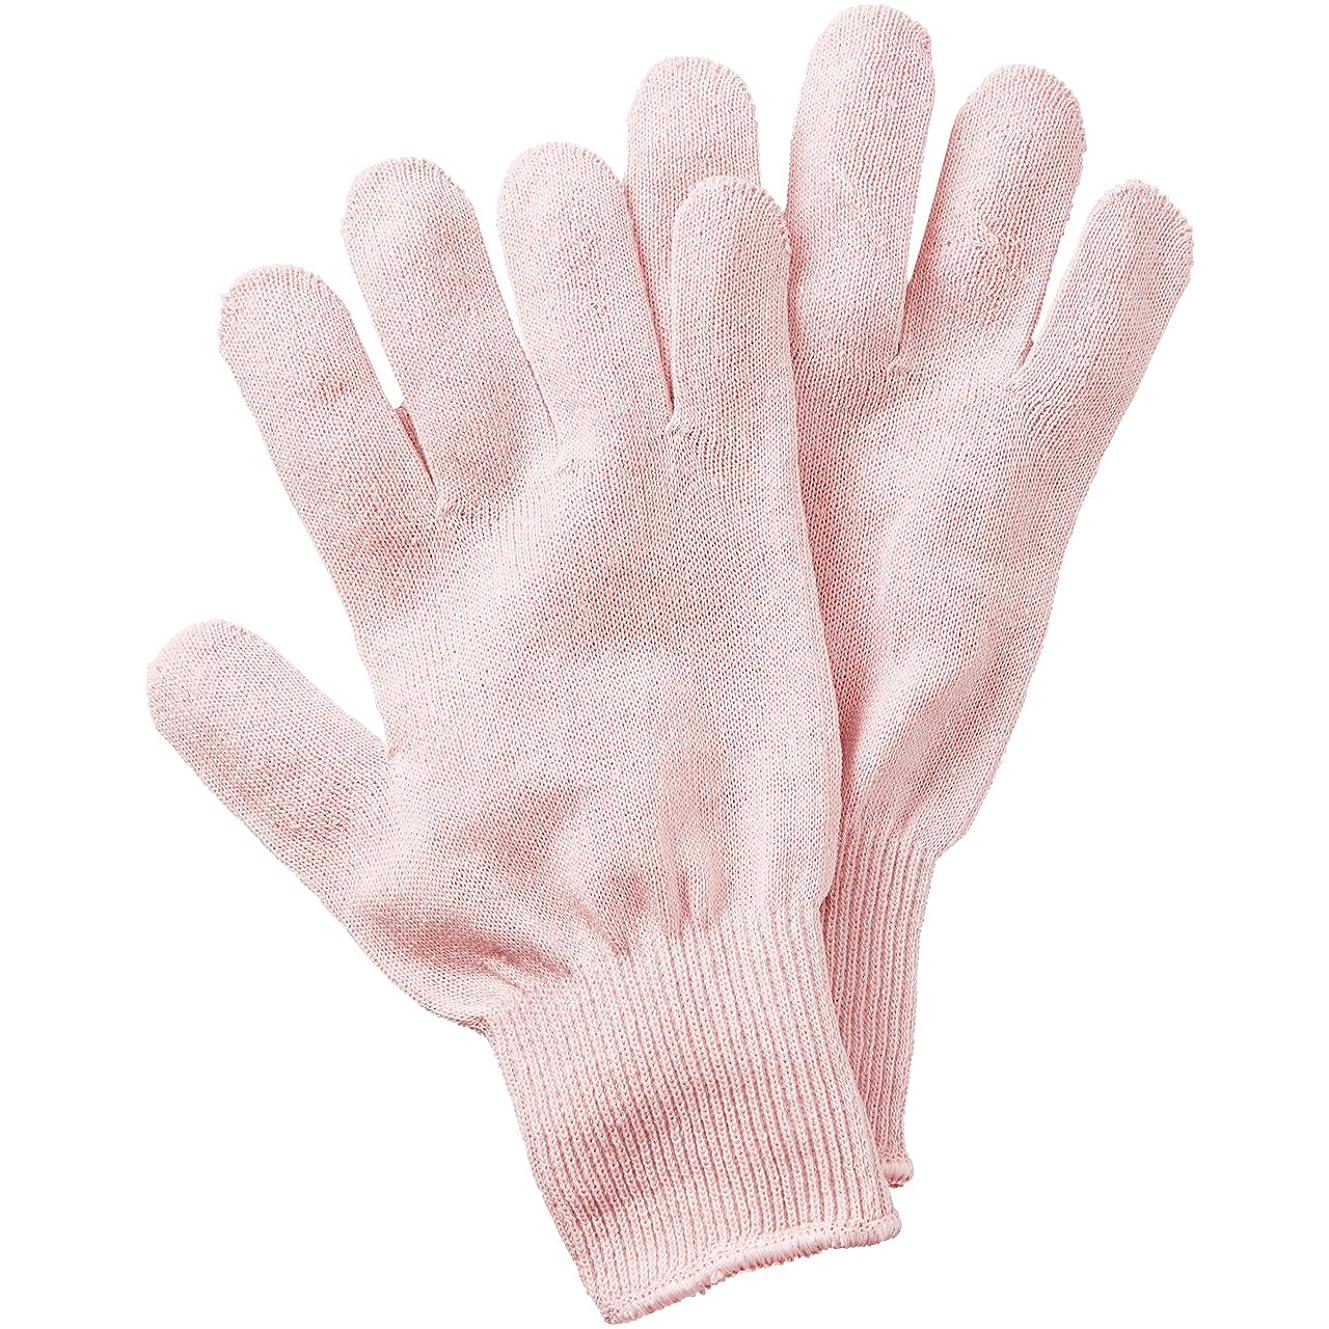 強盗リッチ継続中セルヴァン シルク混おやすみ手袋 ピンク